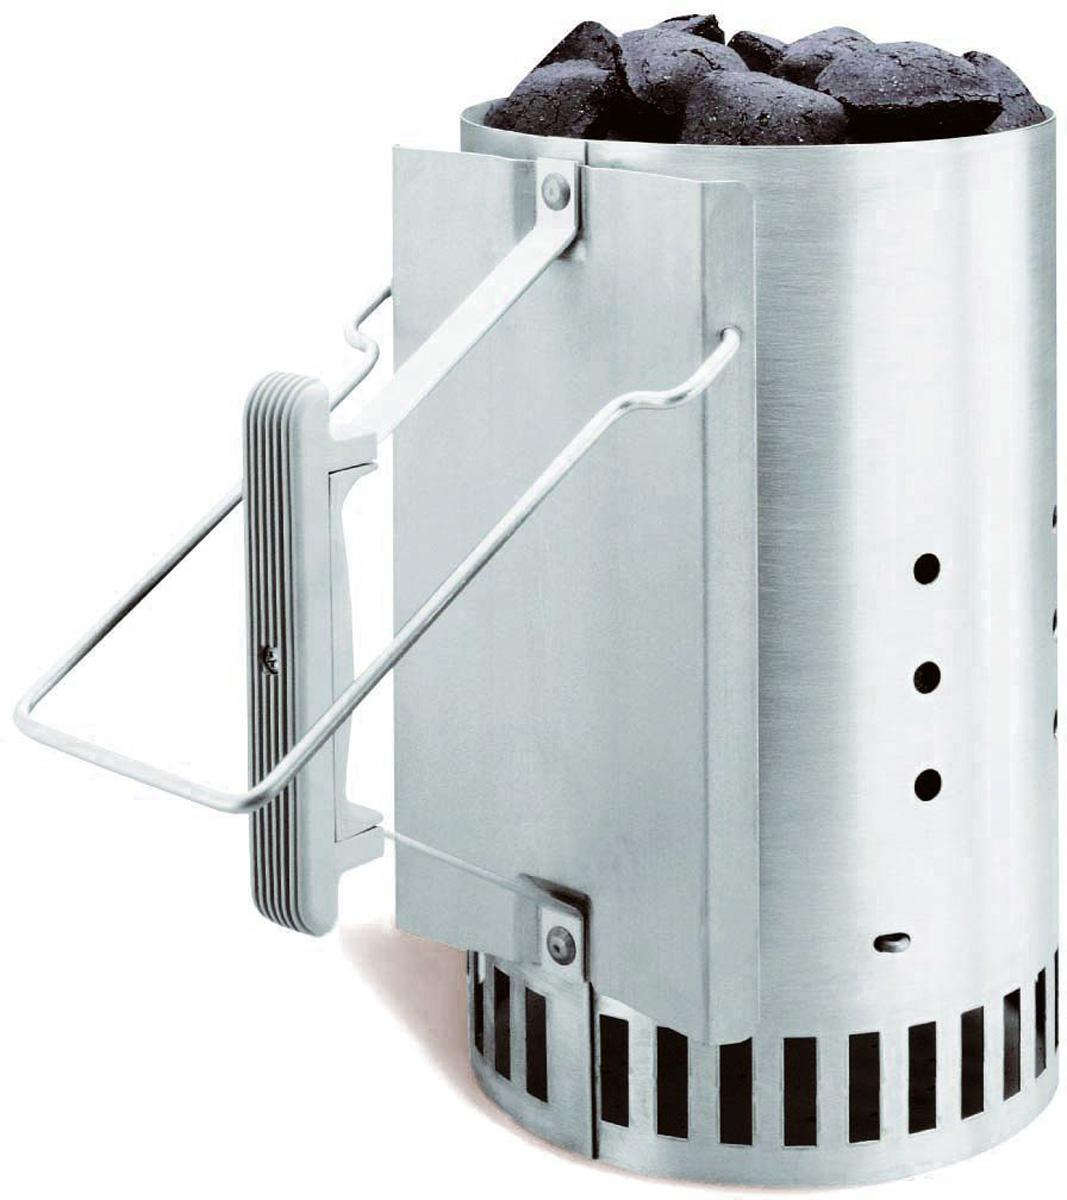 Стартер для розжига угля Weber 7416 поможет Вам легко и быстро подготовить горячие угли для готовки на гриле. Просто набейте нижний отдел стартера бумагой, наполните верхний отдел углем и подожгите бумагу. Решетка конической формы обеспечит большую площадь воздействия пламени, что ускоряет горение угля. Рукоятка из термостойкого материала и раскладная проволочная ручка обеспечивают комфортное и безопасное использование стартера.